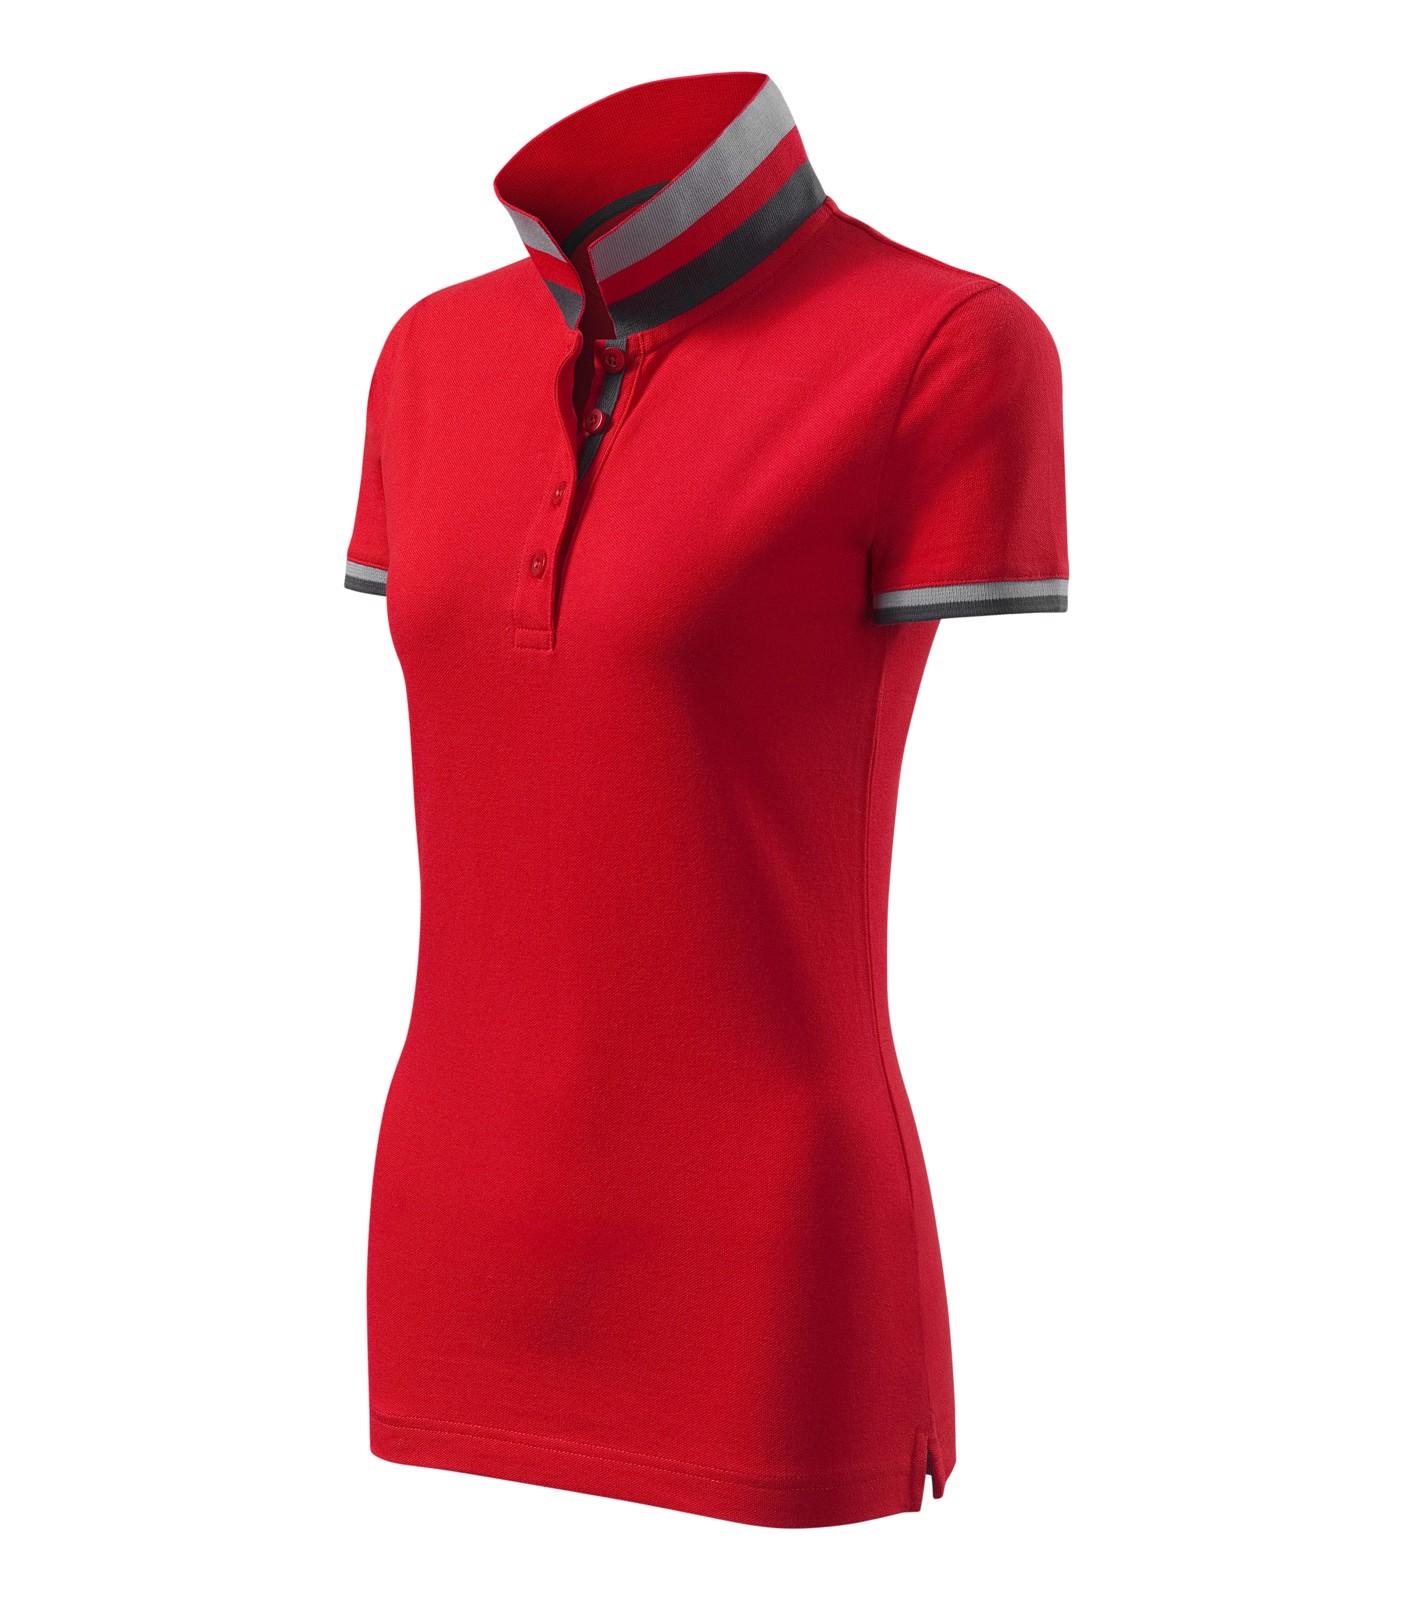 Polokošile dámská Malfinipremium Collar Up - Formula Red / L